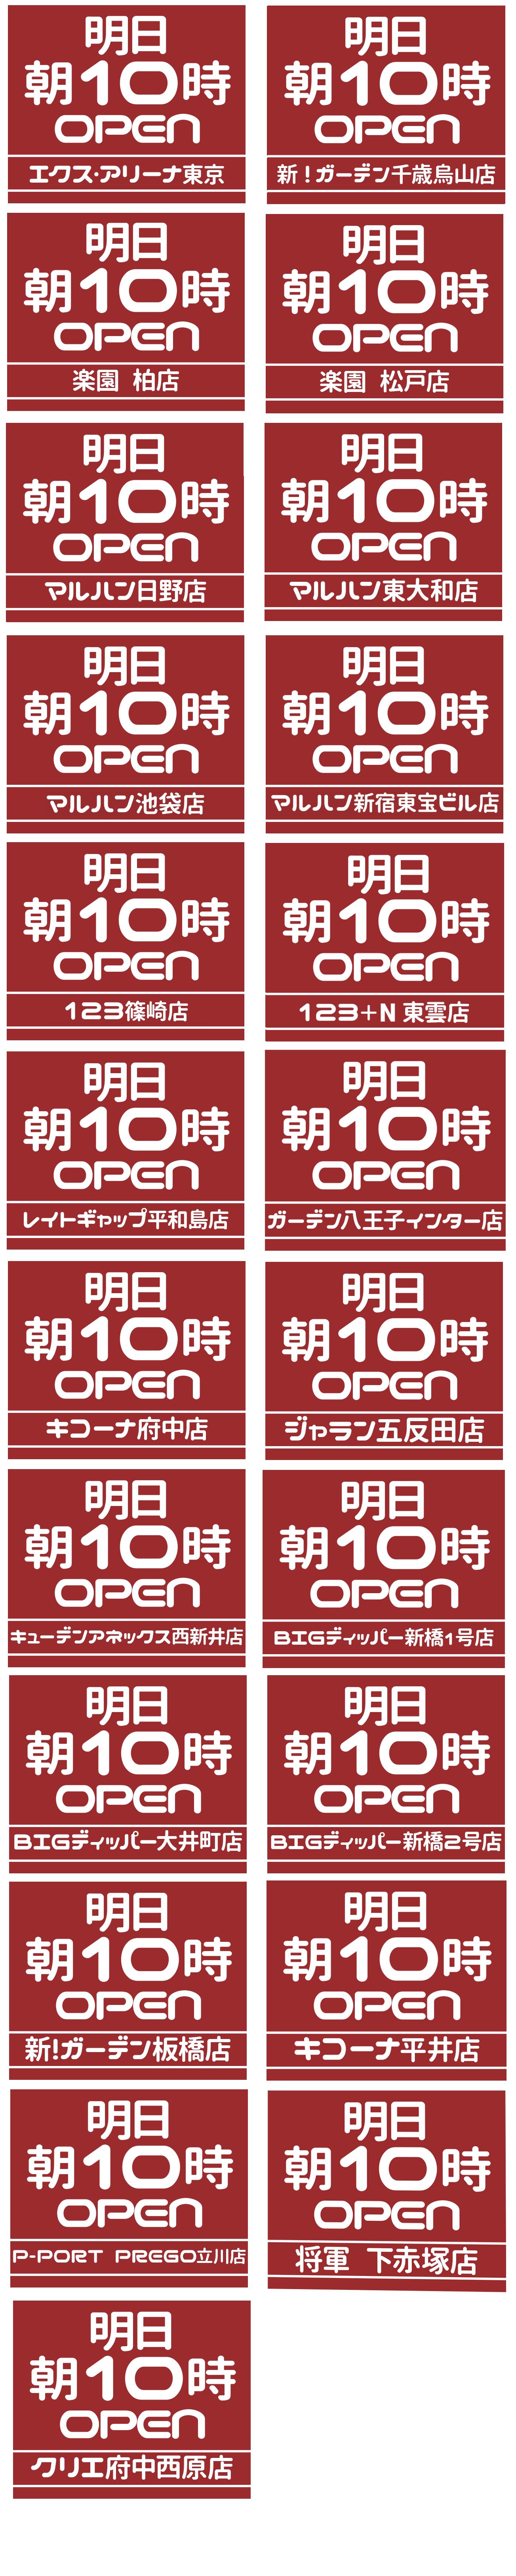 明日東京店舗一覧_1103